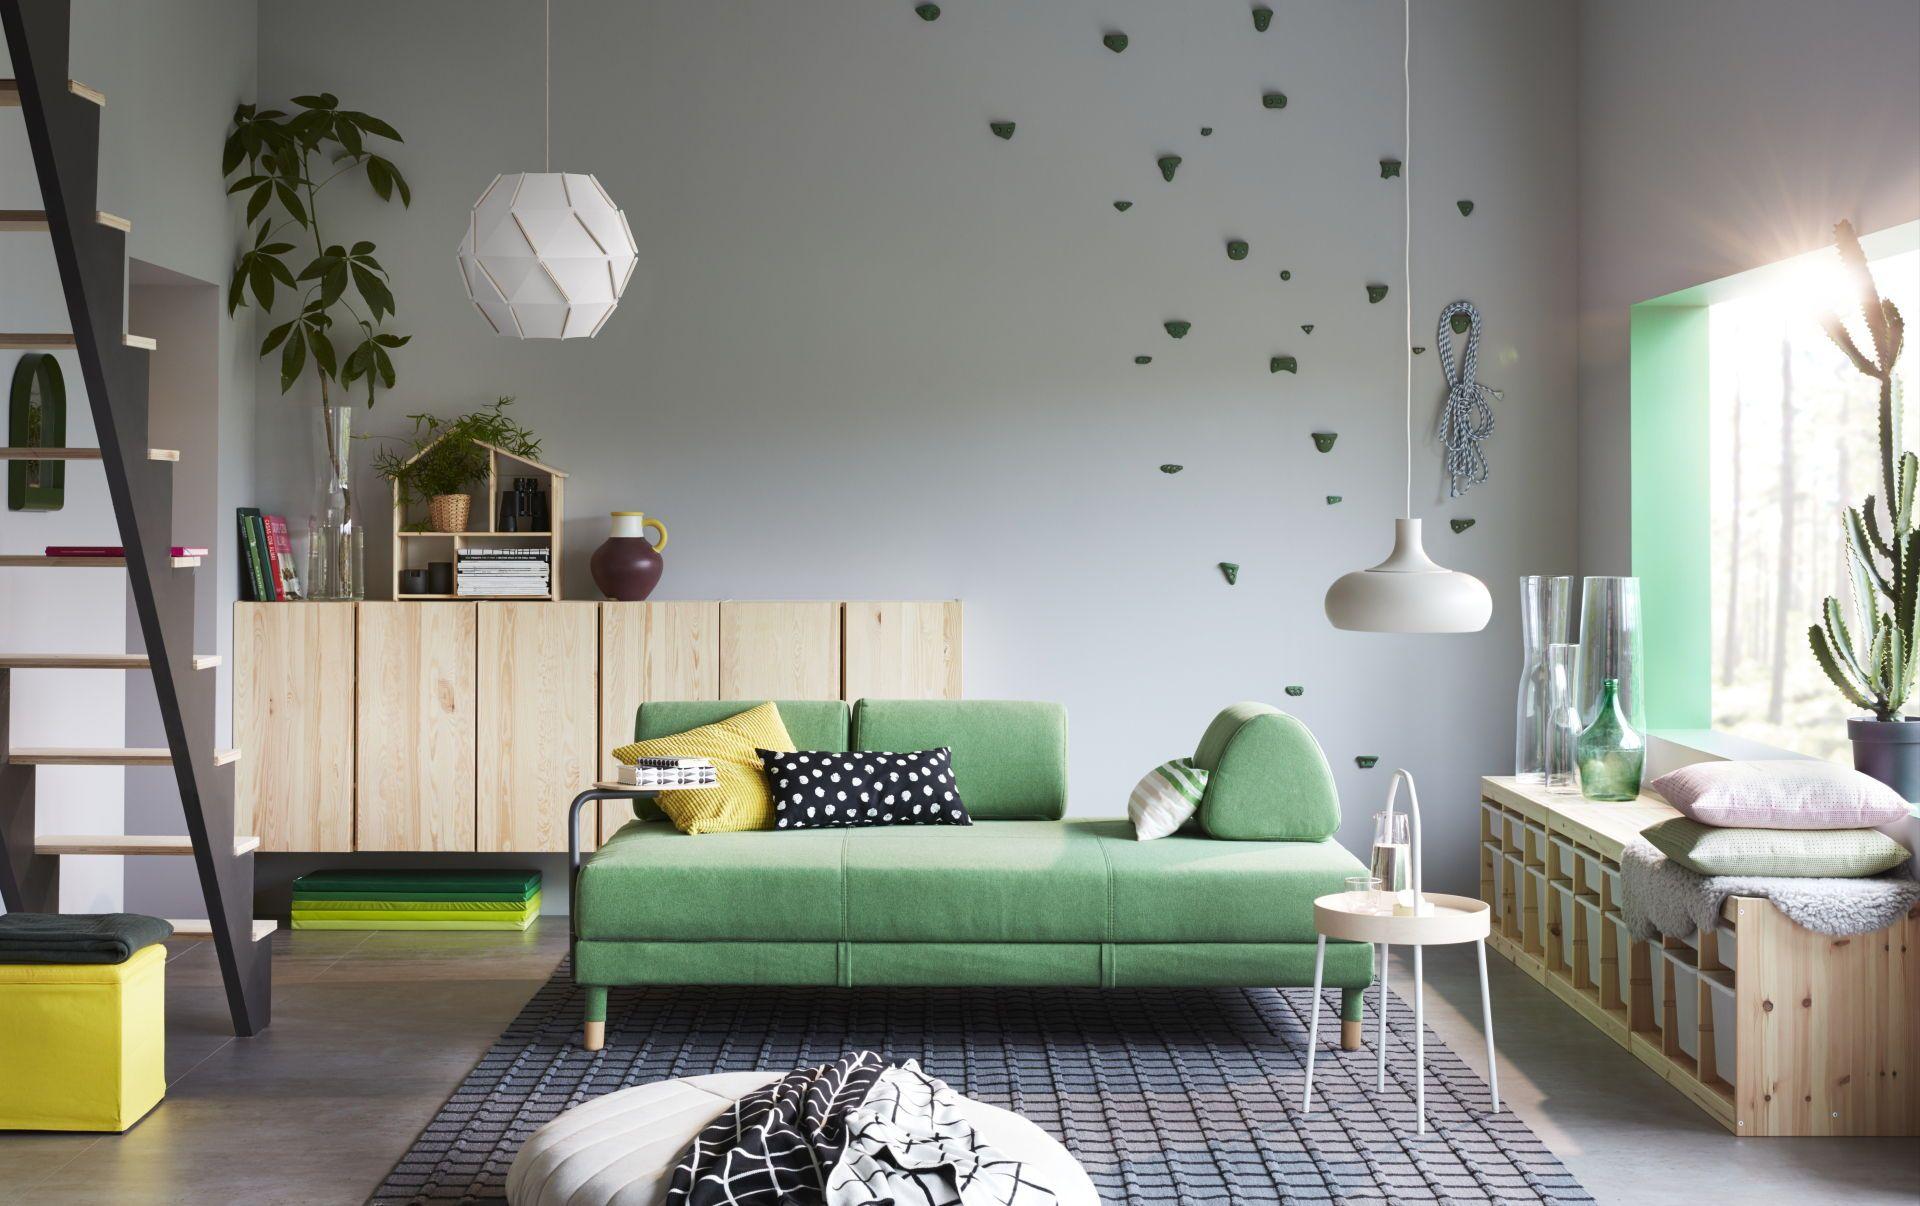 FLOTTEBO Slaapbank onderstel, Lysed groen | Pinterest